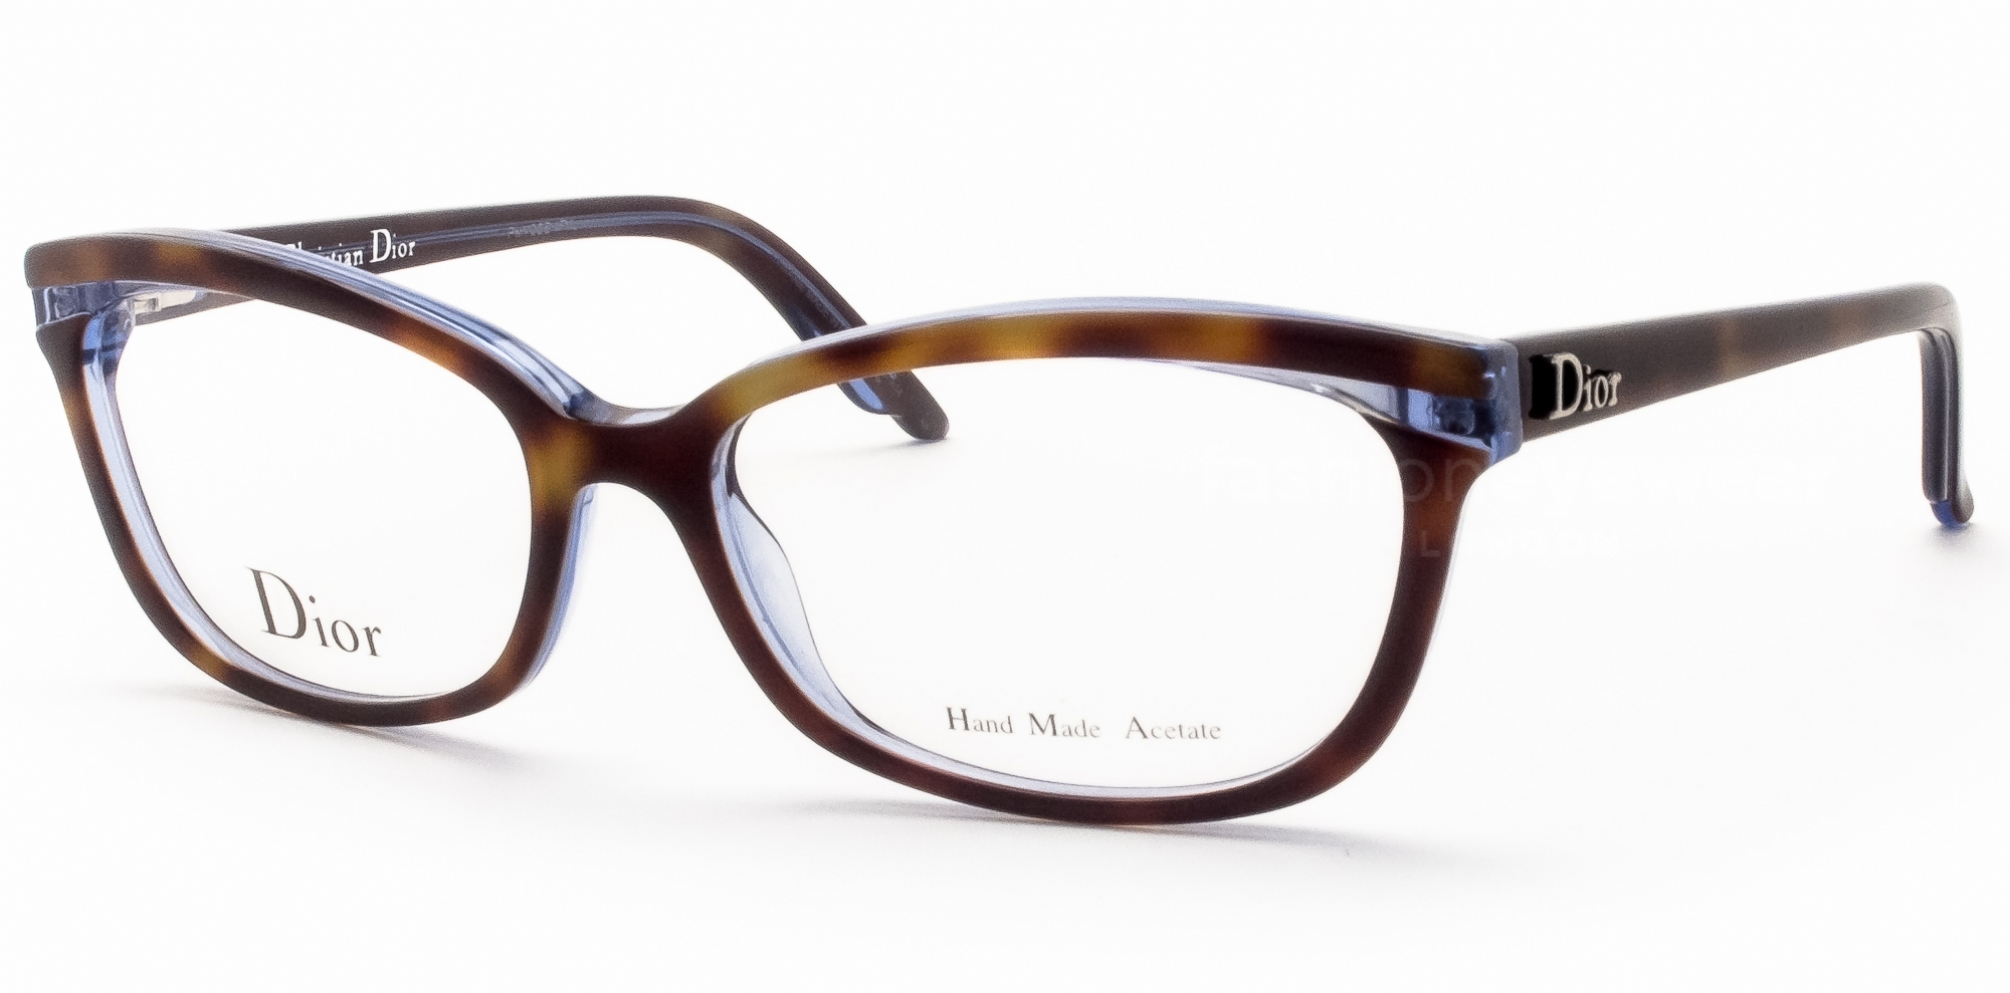 jimmy choo 126 eyeglasses repair shop | Simply Accessories